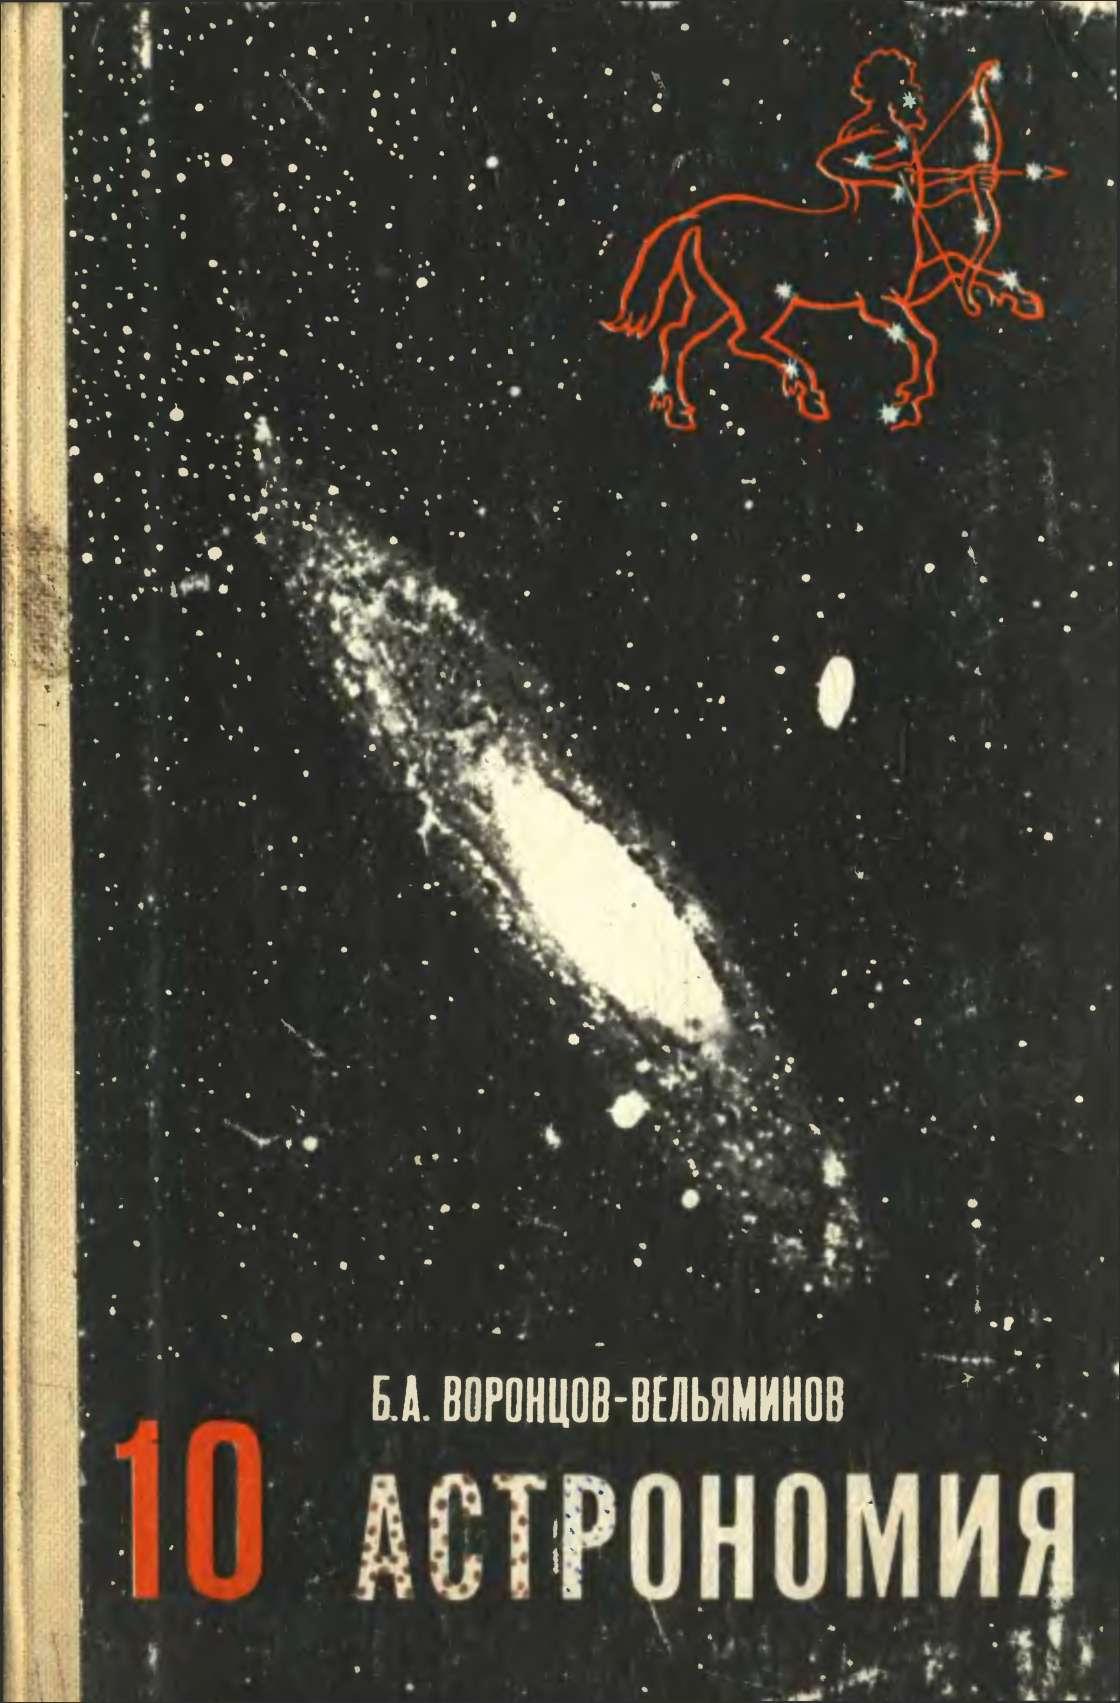 Astron-voronz-10.jpg